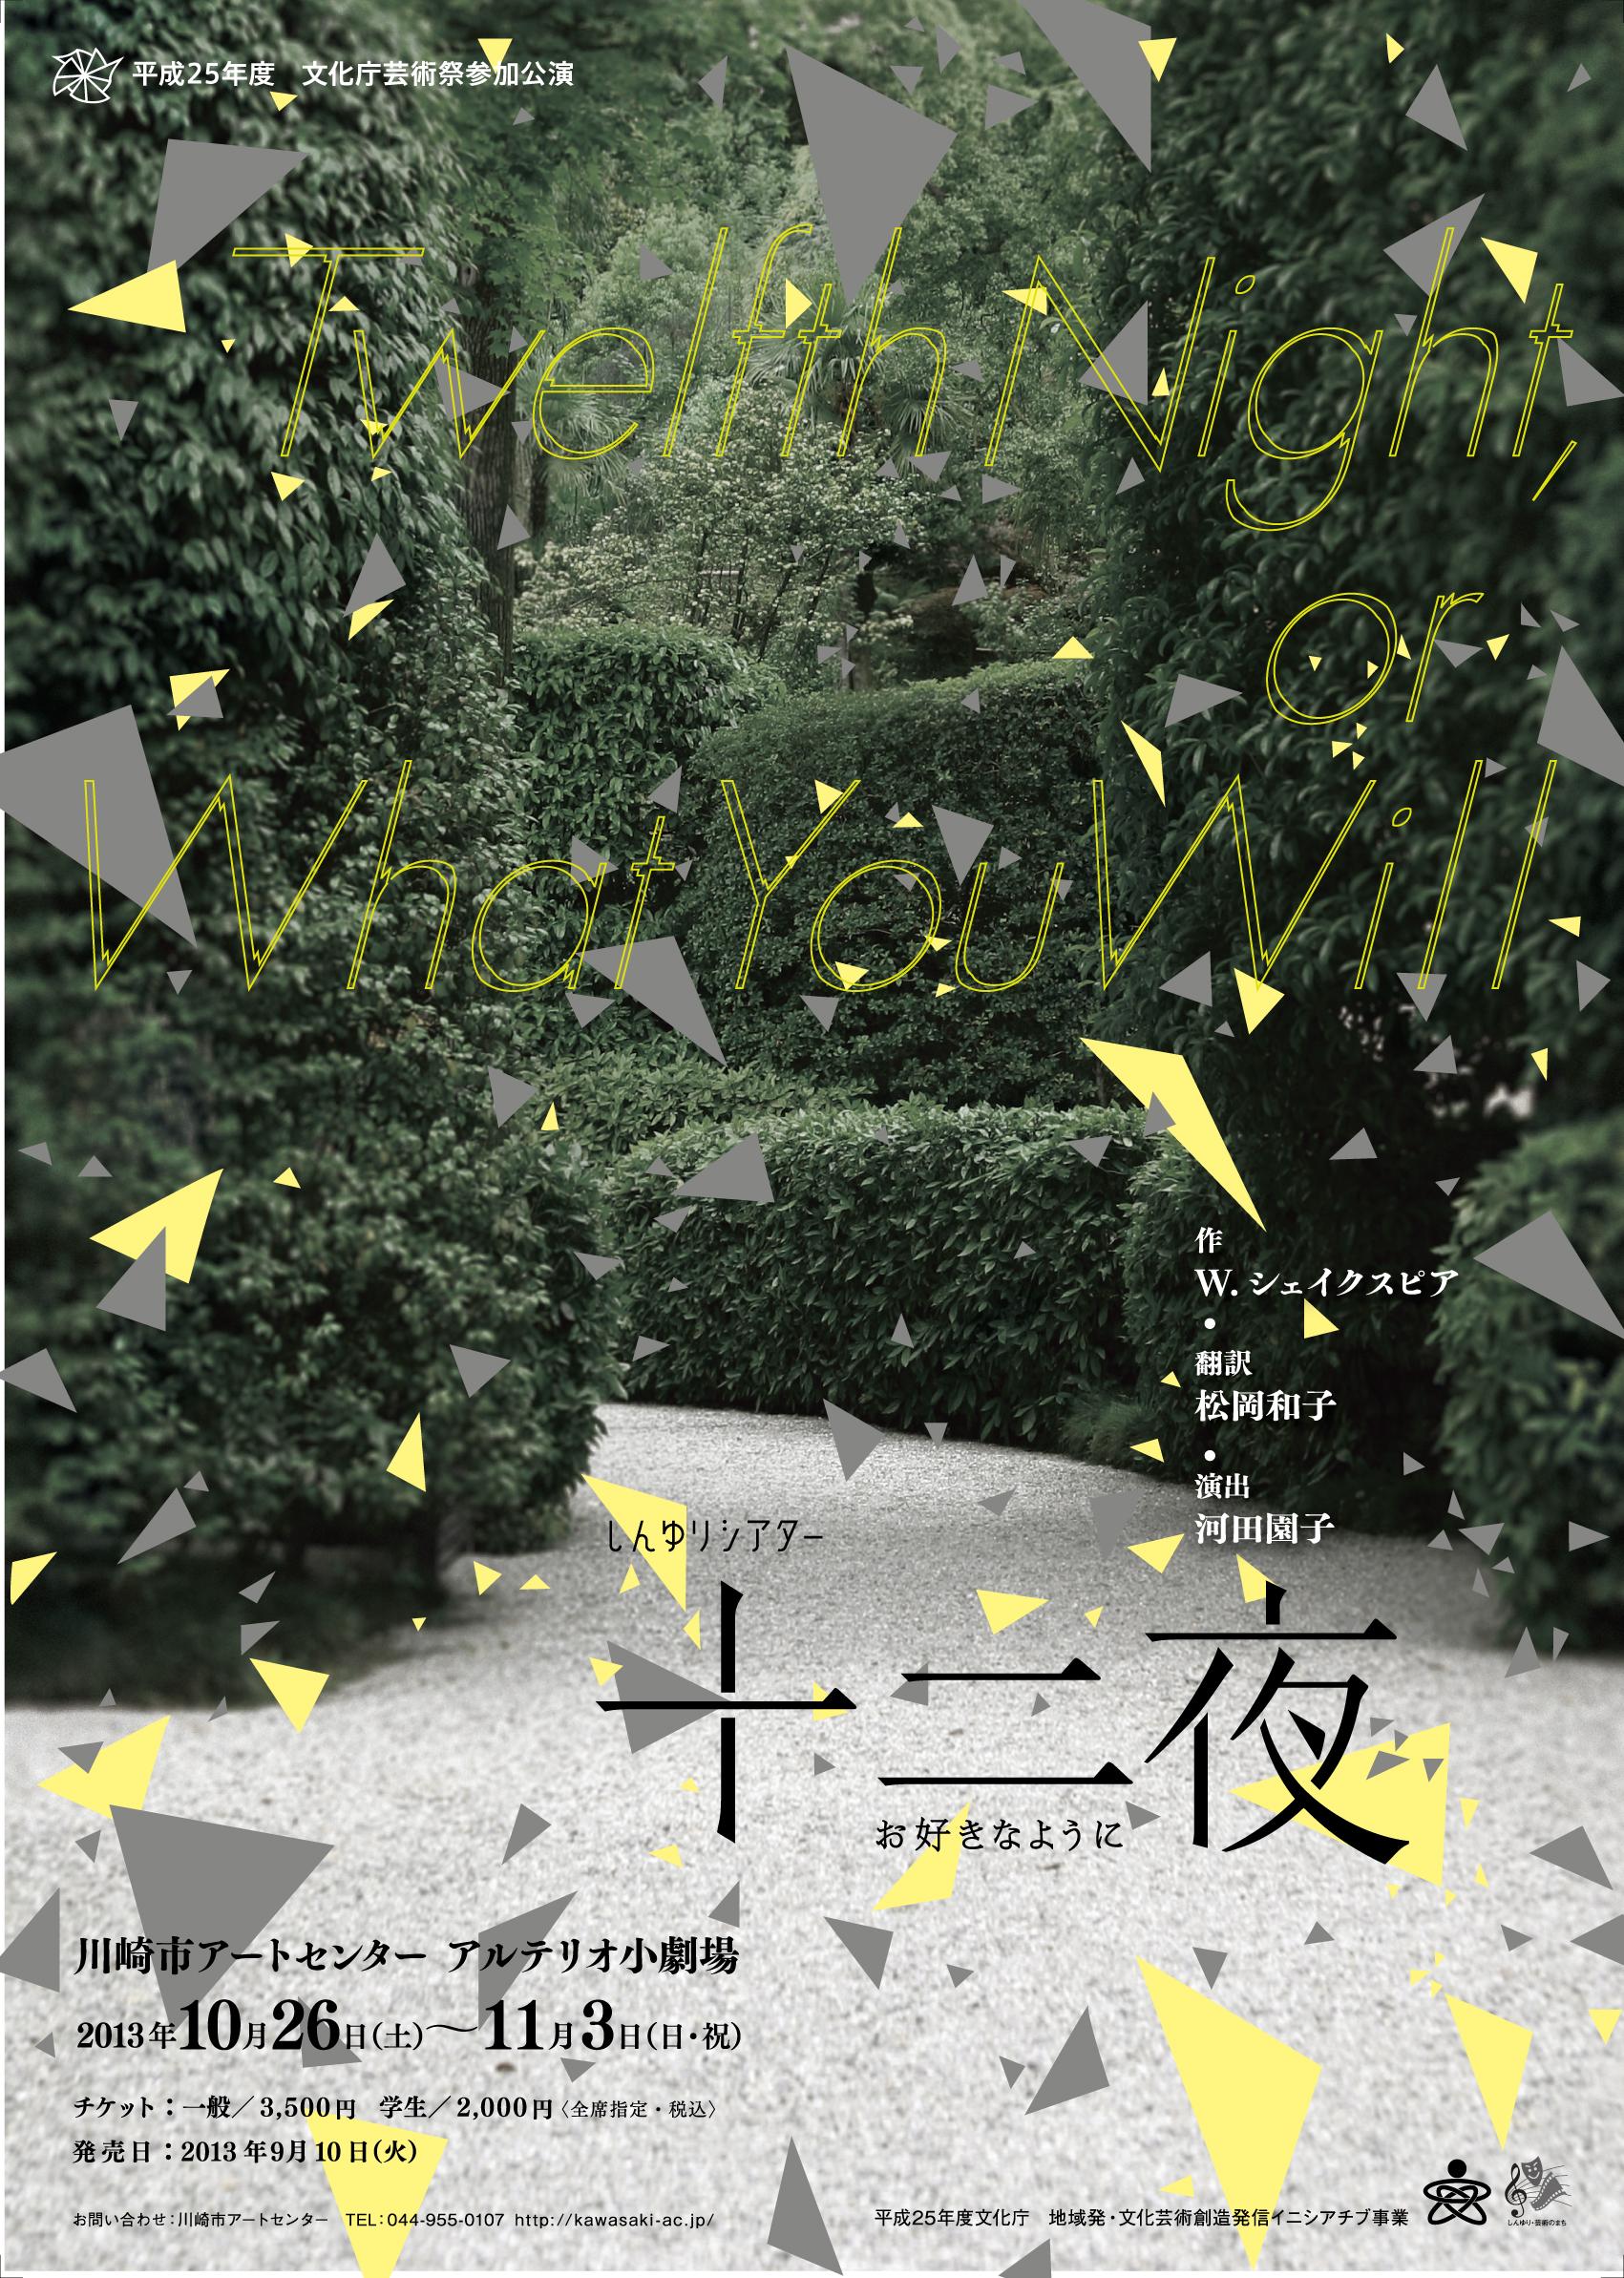 poster/leaflet 01